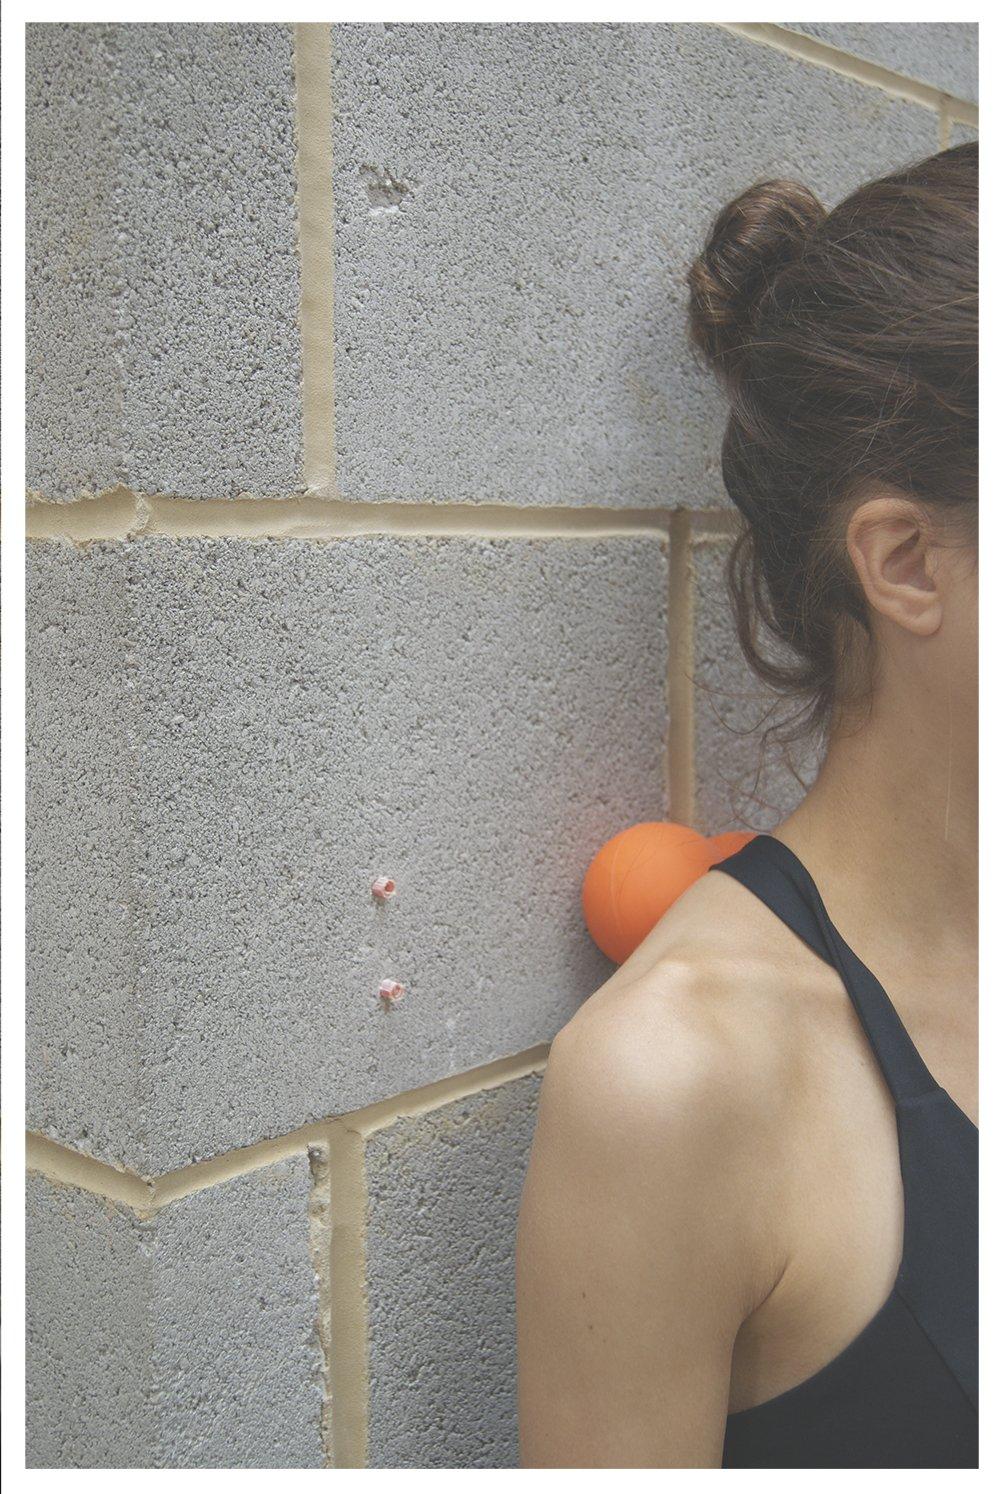 Protone doble lacrosse bola para puntos de activación masaje - rodillo de cacahuete herramienta para muscular profunda masaje - Negro